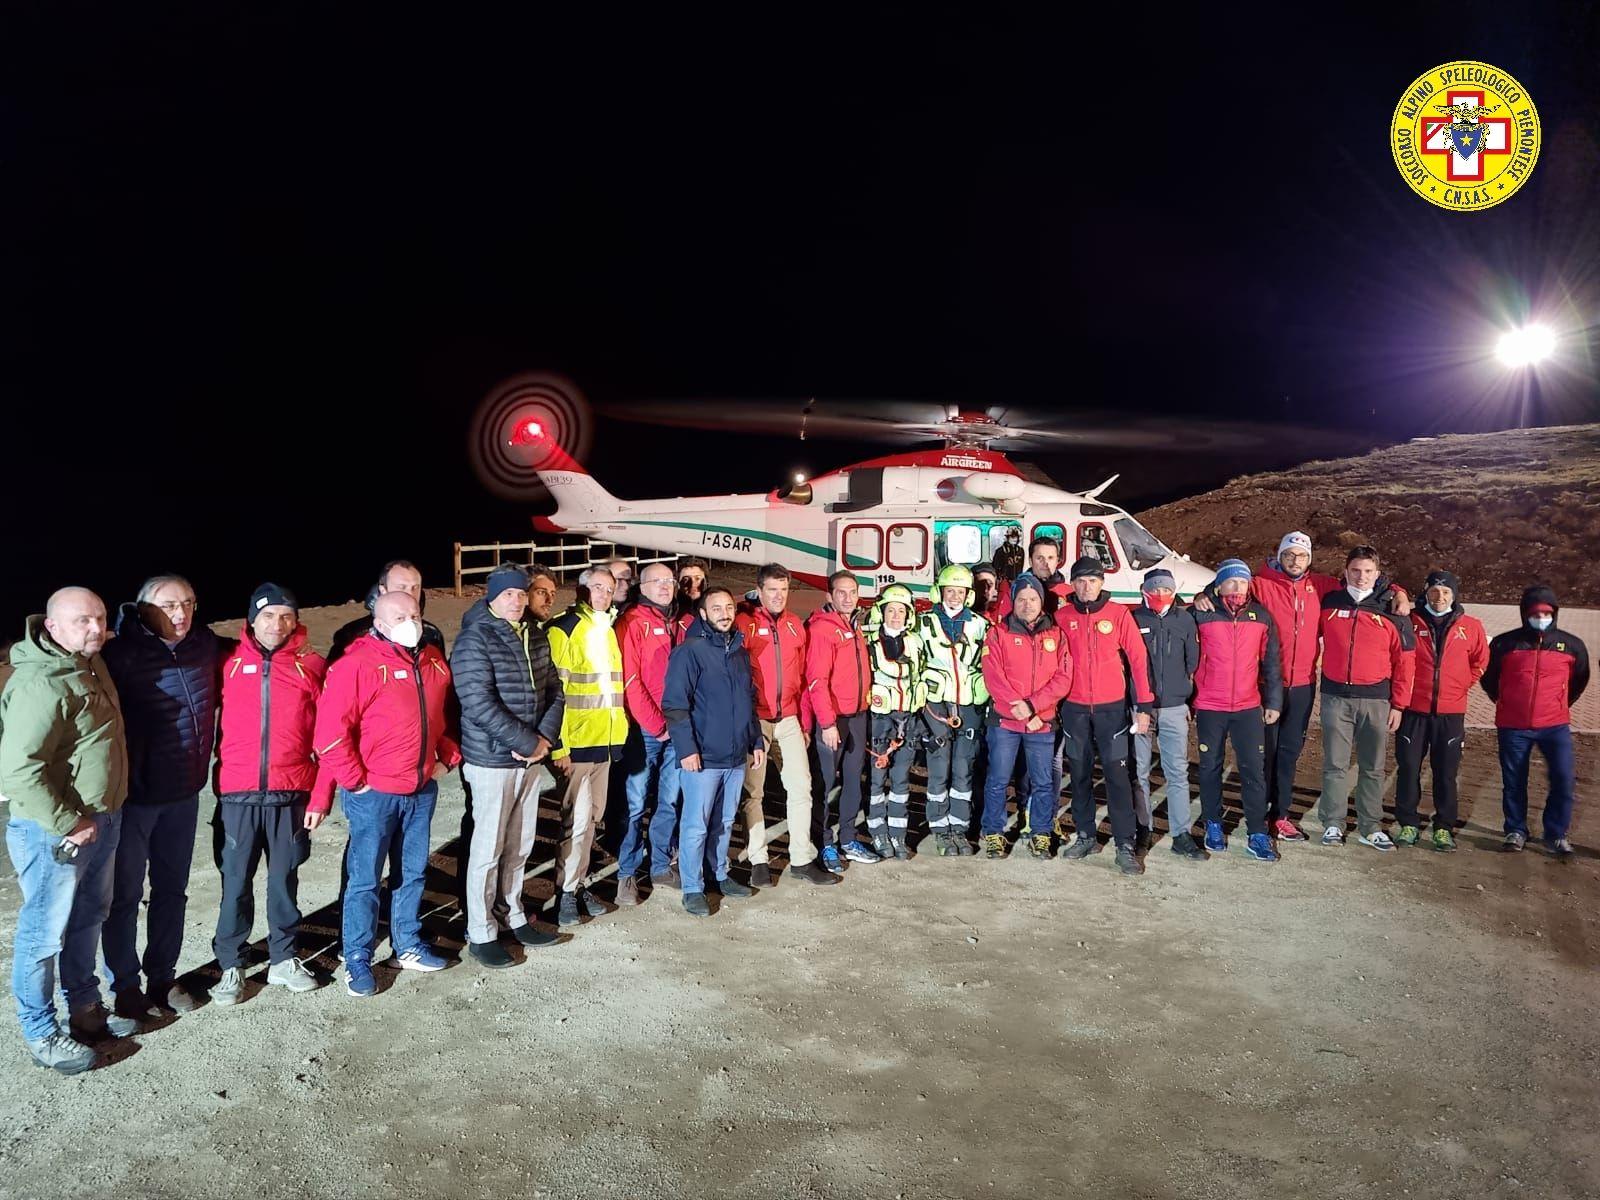 CERESOLE REALE - Ora l'elicottero del 118 atterra in quota anche di notte: inaugurata la piazzola al Lago Serrù - FOTO